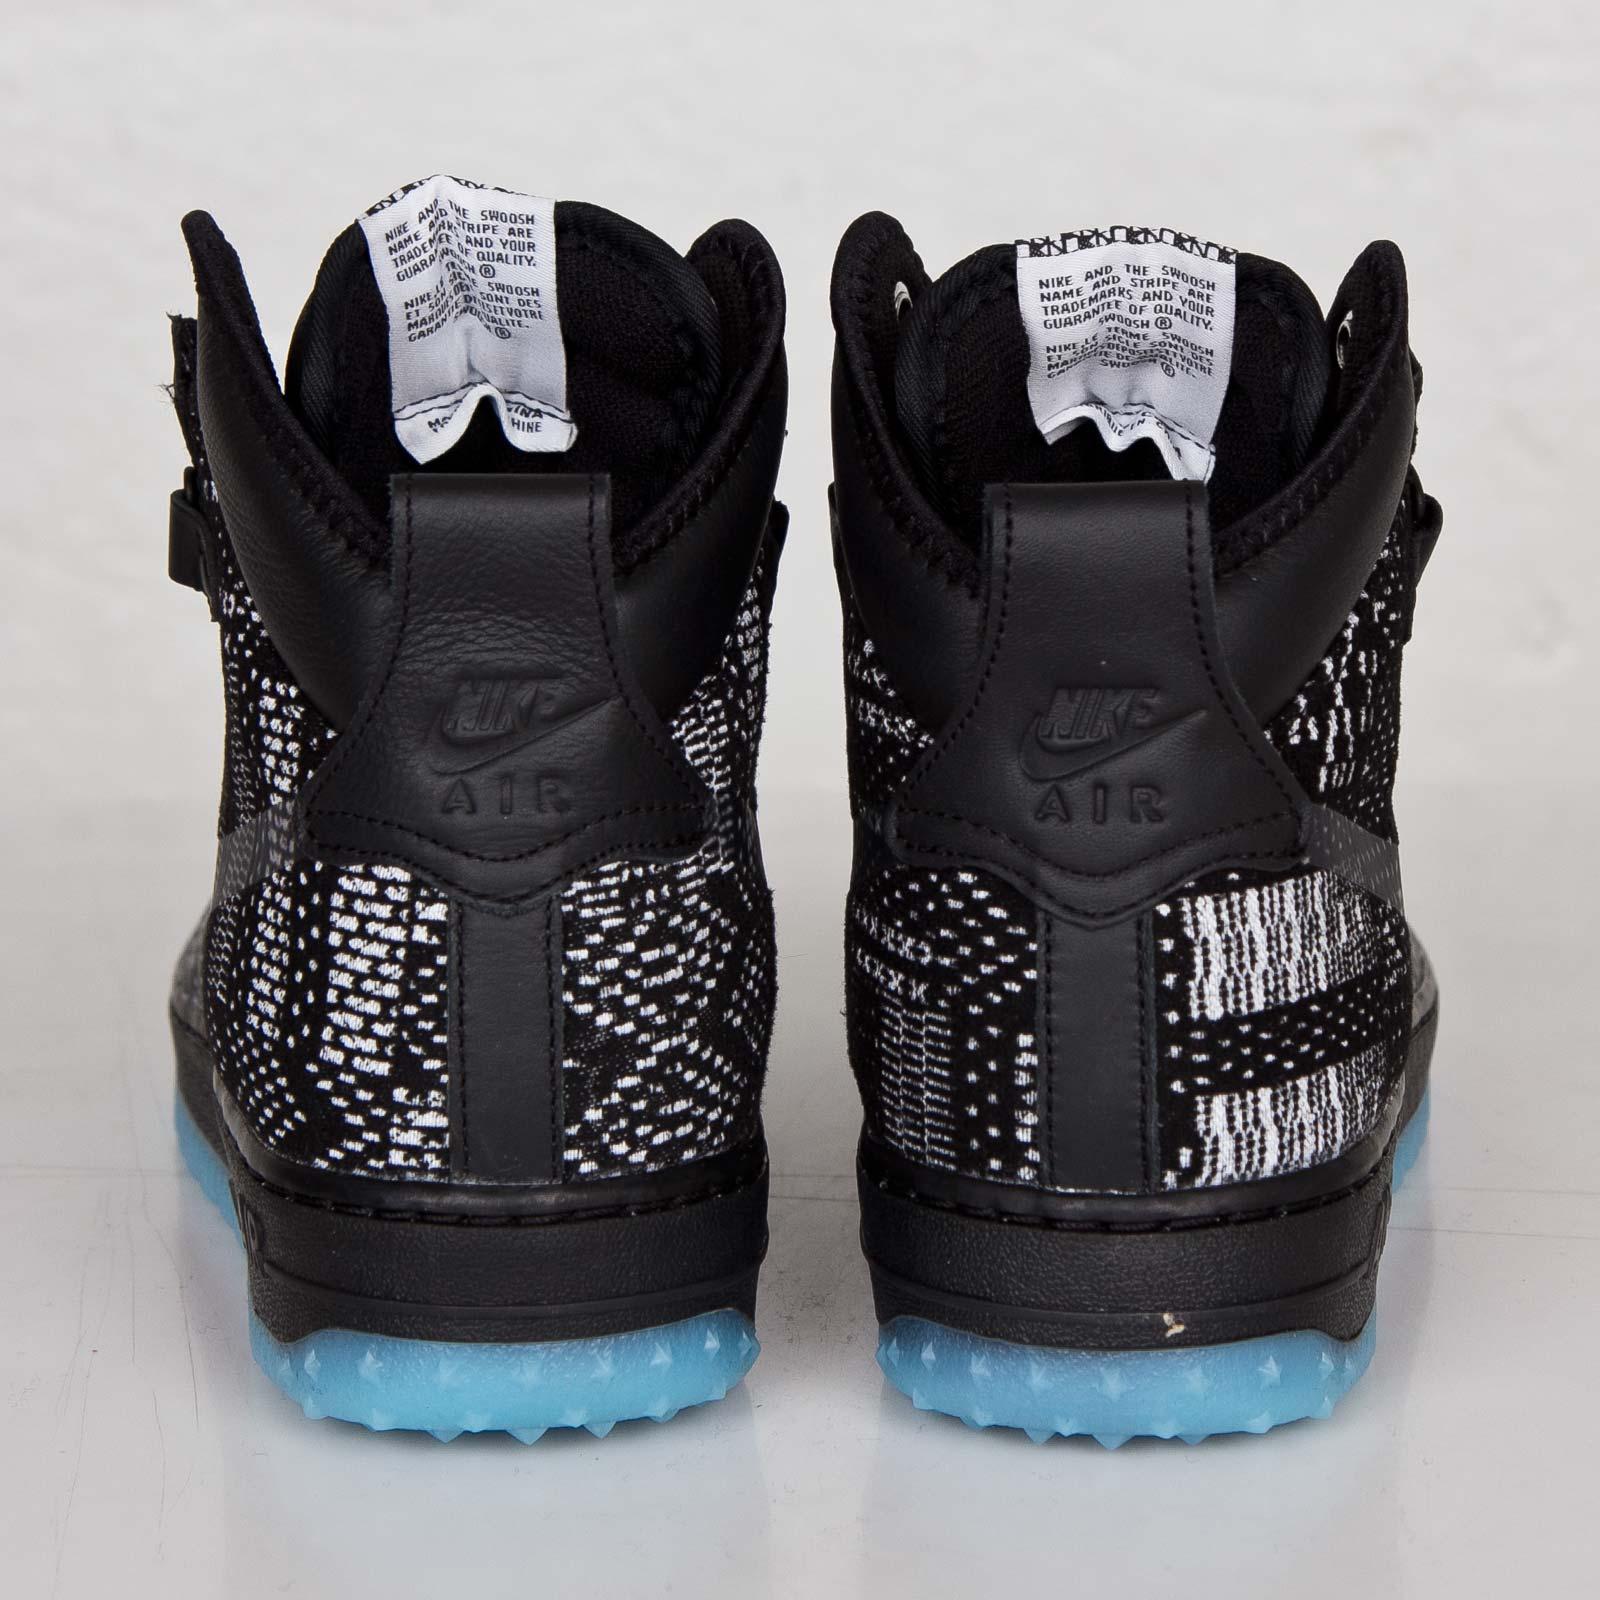 buy online f213e 292ba Nike Air Force 1 Duckboot BHM QS - 739390-001 - Sneakersnstuff   sneakers    streetwear online since 1999